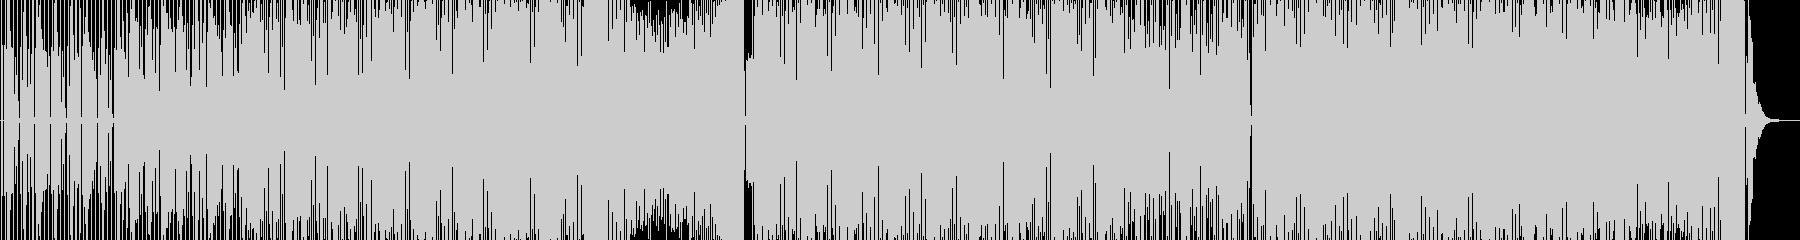 ヒップホップの背景。として 。フロ...の未再生の波形